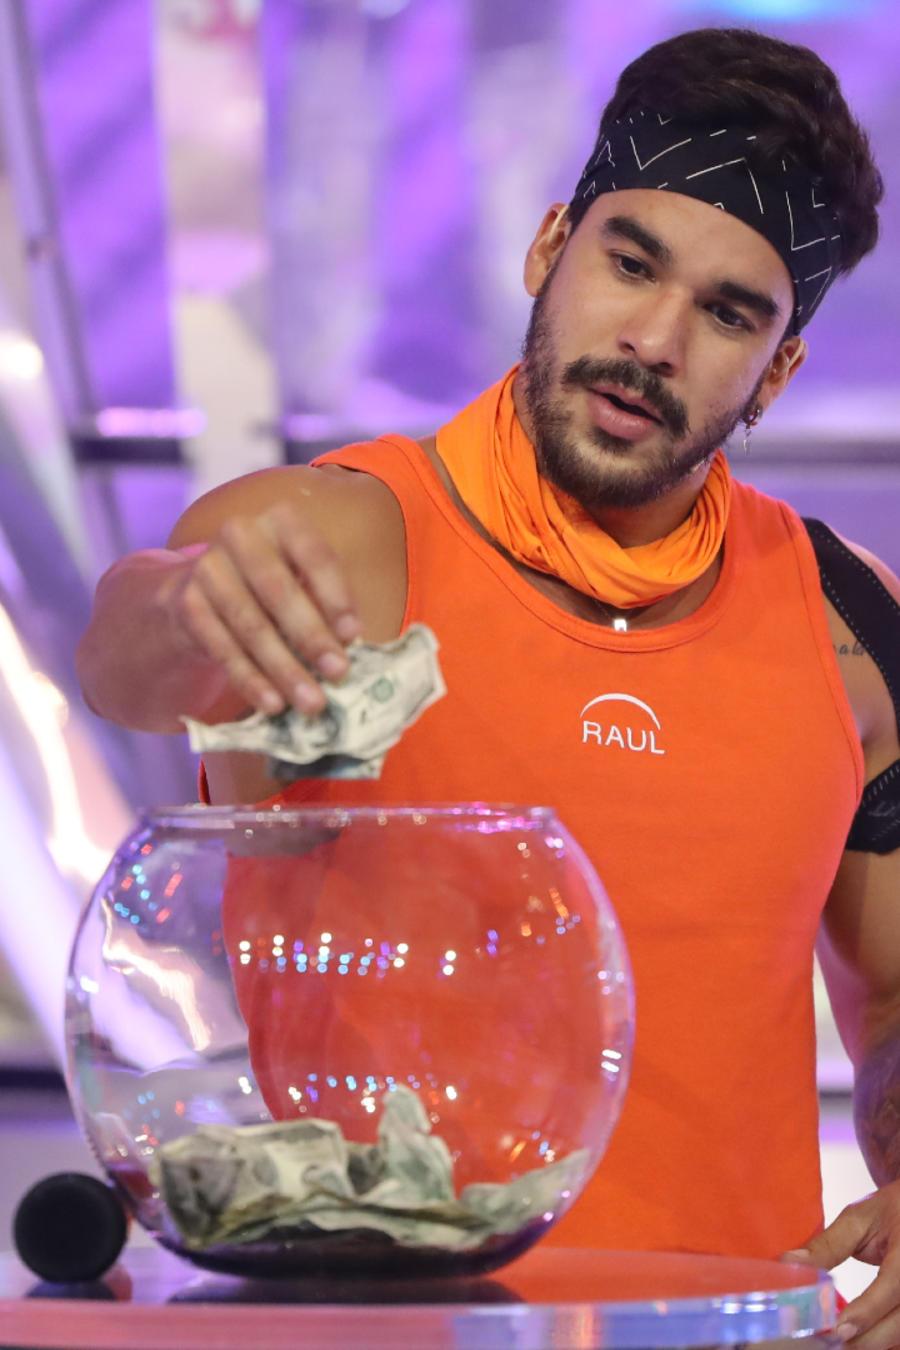 Raúl entra al domo en el episodio 10 de El Domo del Dinero